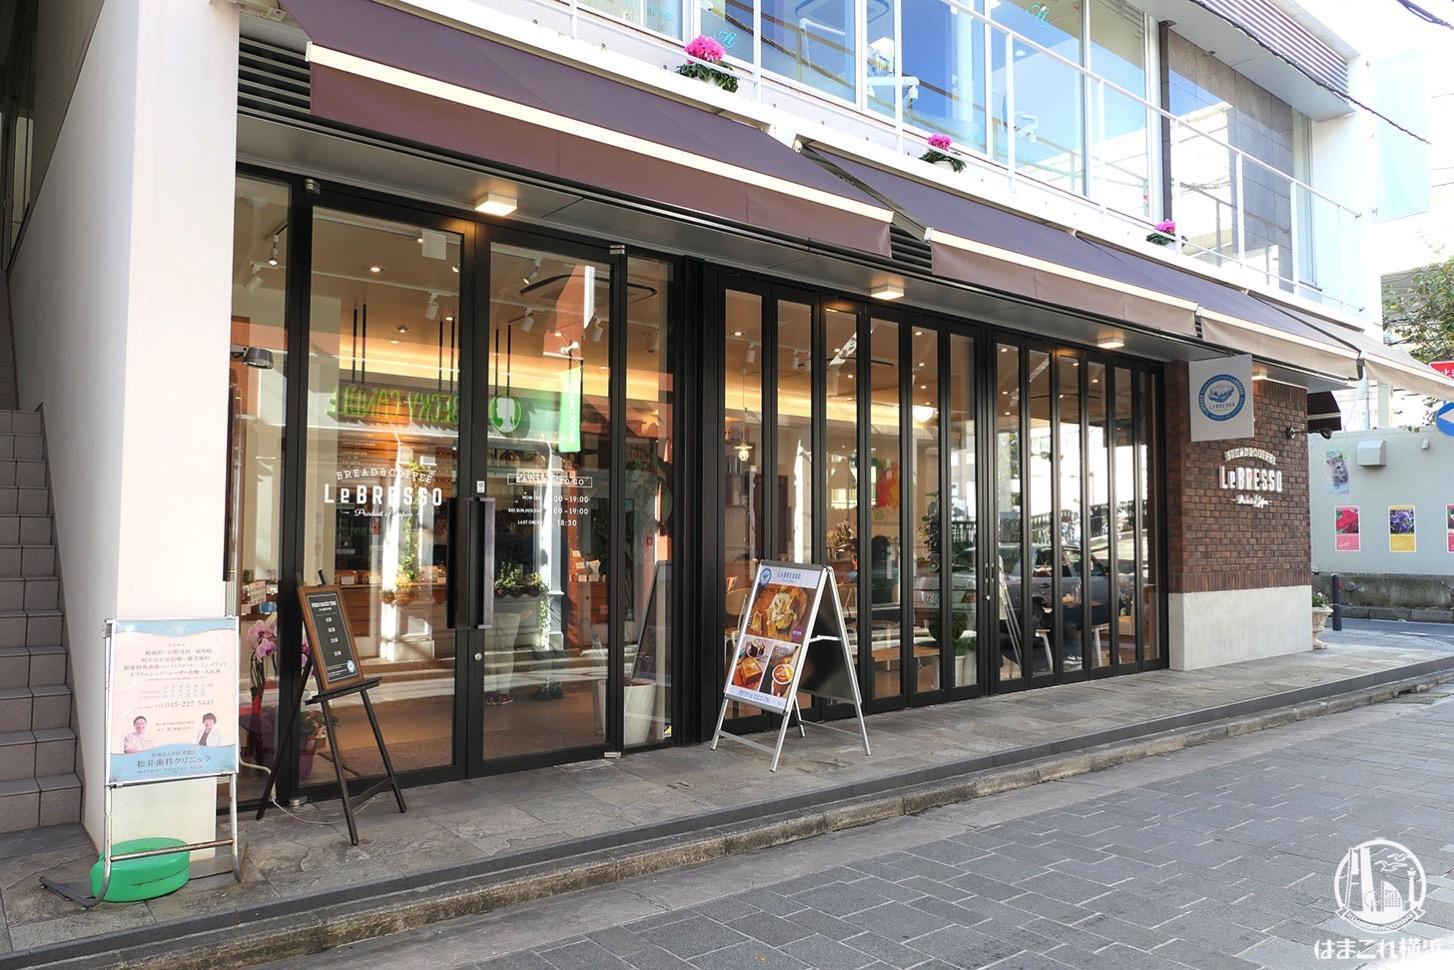 レブレッソ 横浜元町店 外観